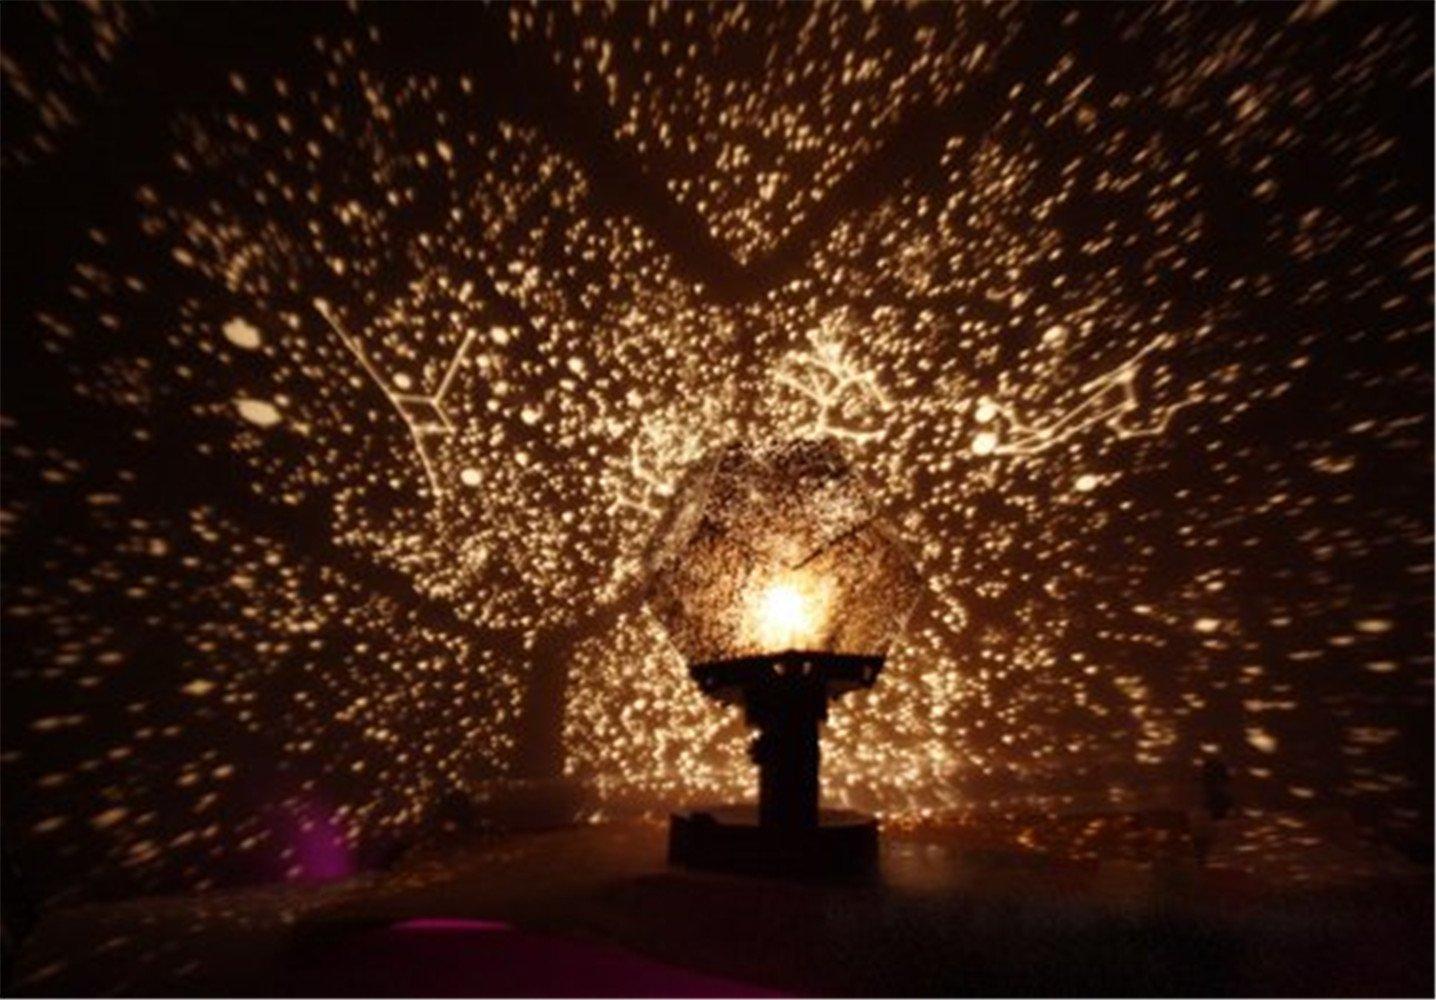 四季星空投影灯 超浪漫diy夜空投影仪 创意礼品生日礼物 送给女生女友图片